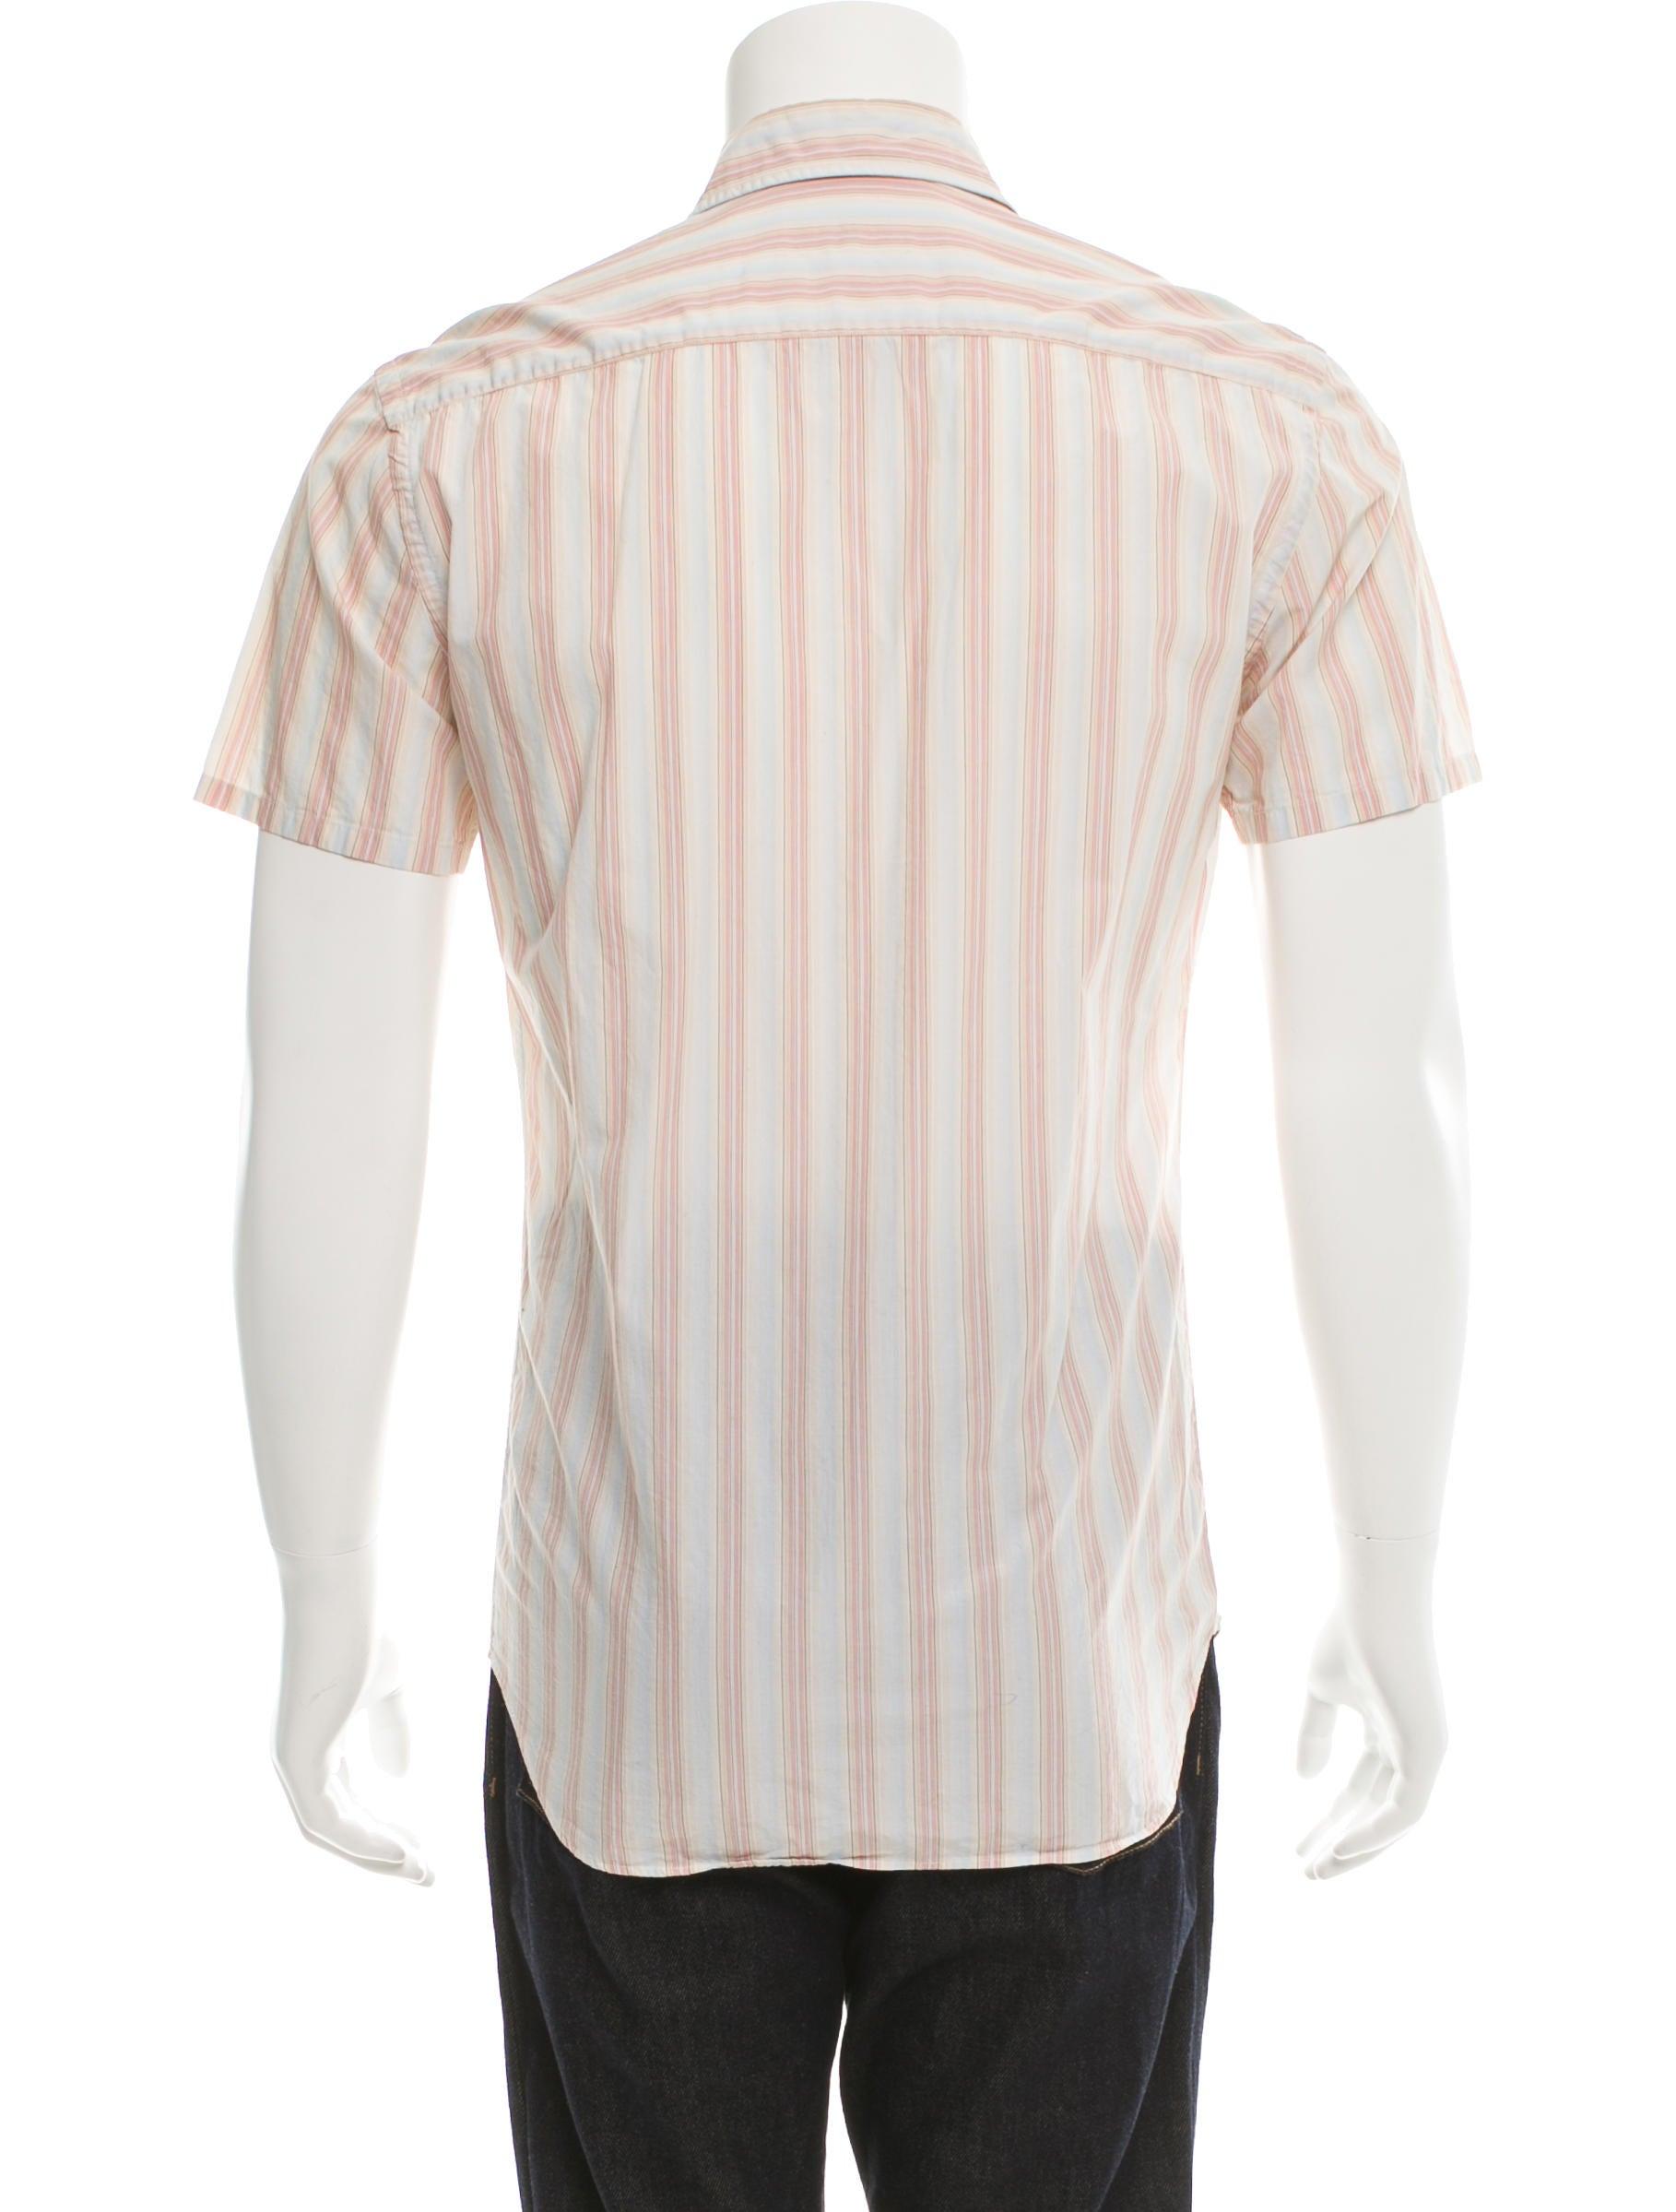 Prada striped button up shirt clothing pra114748 the for Striped button up shirt mens